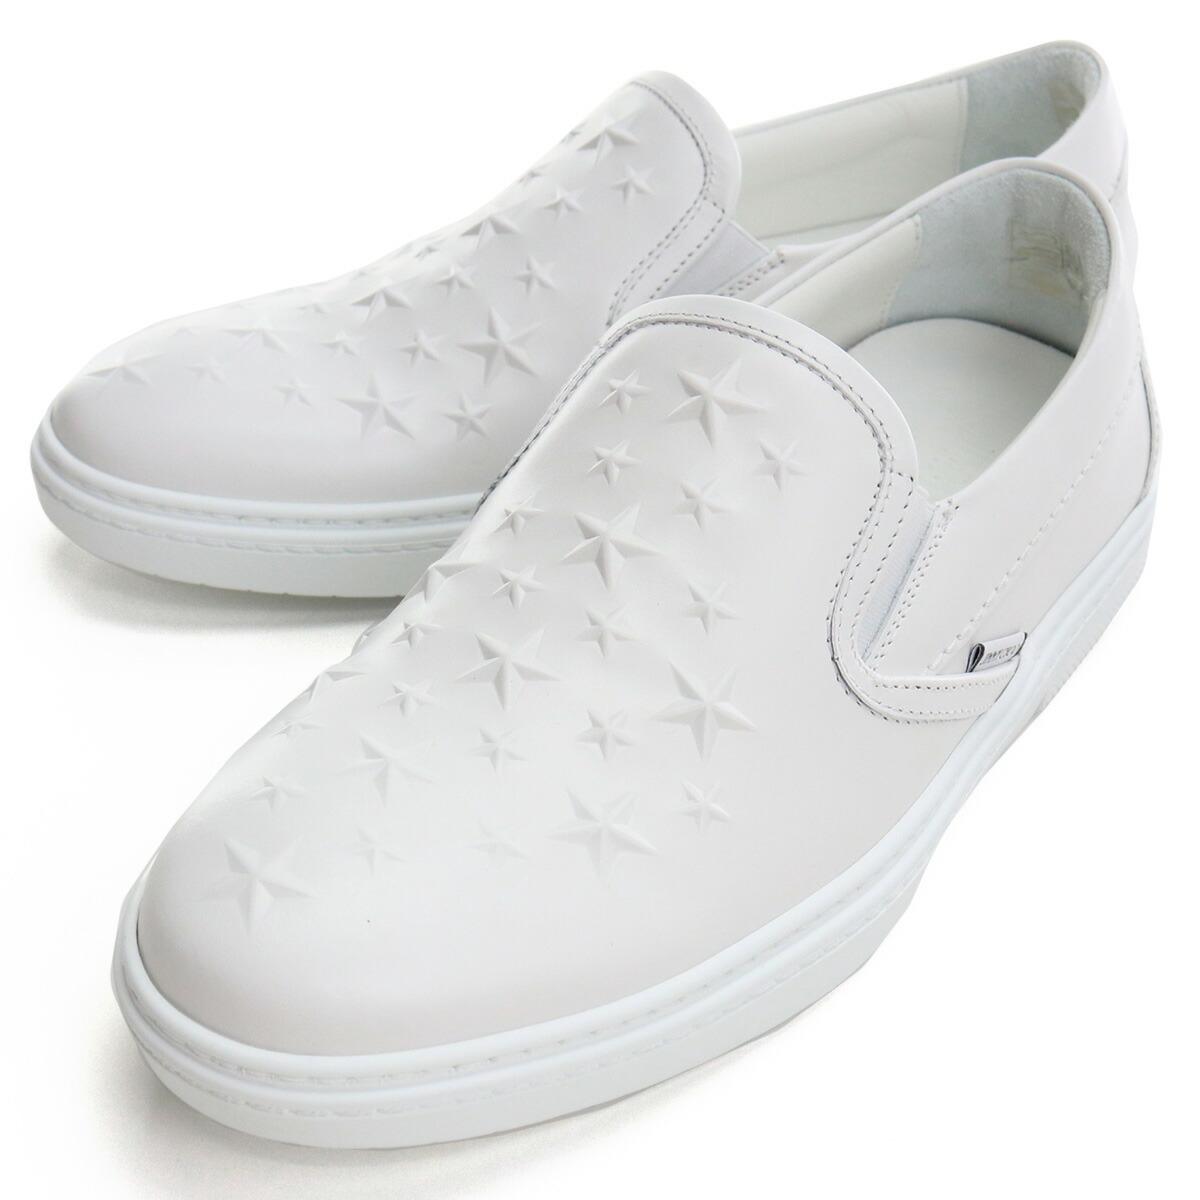 ジミーチュウ JIMMY CHOO  メンズシューズ ブランドスニーカー 白スニーカー GROVE AOA 211 WHITE ホワイト系  bos-06 shoes-01